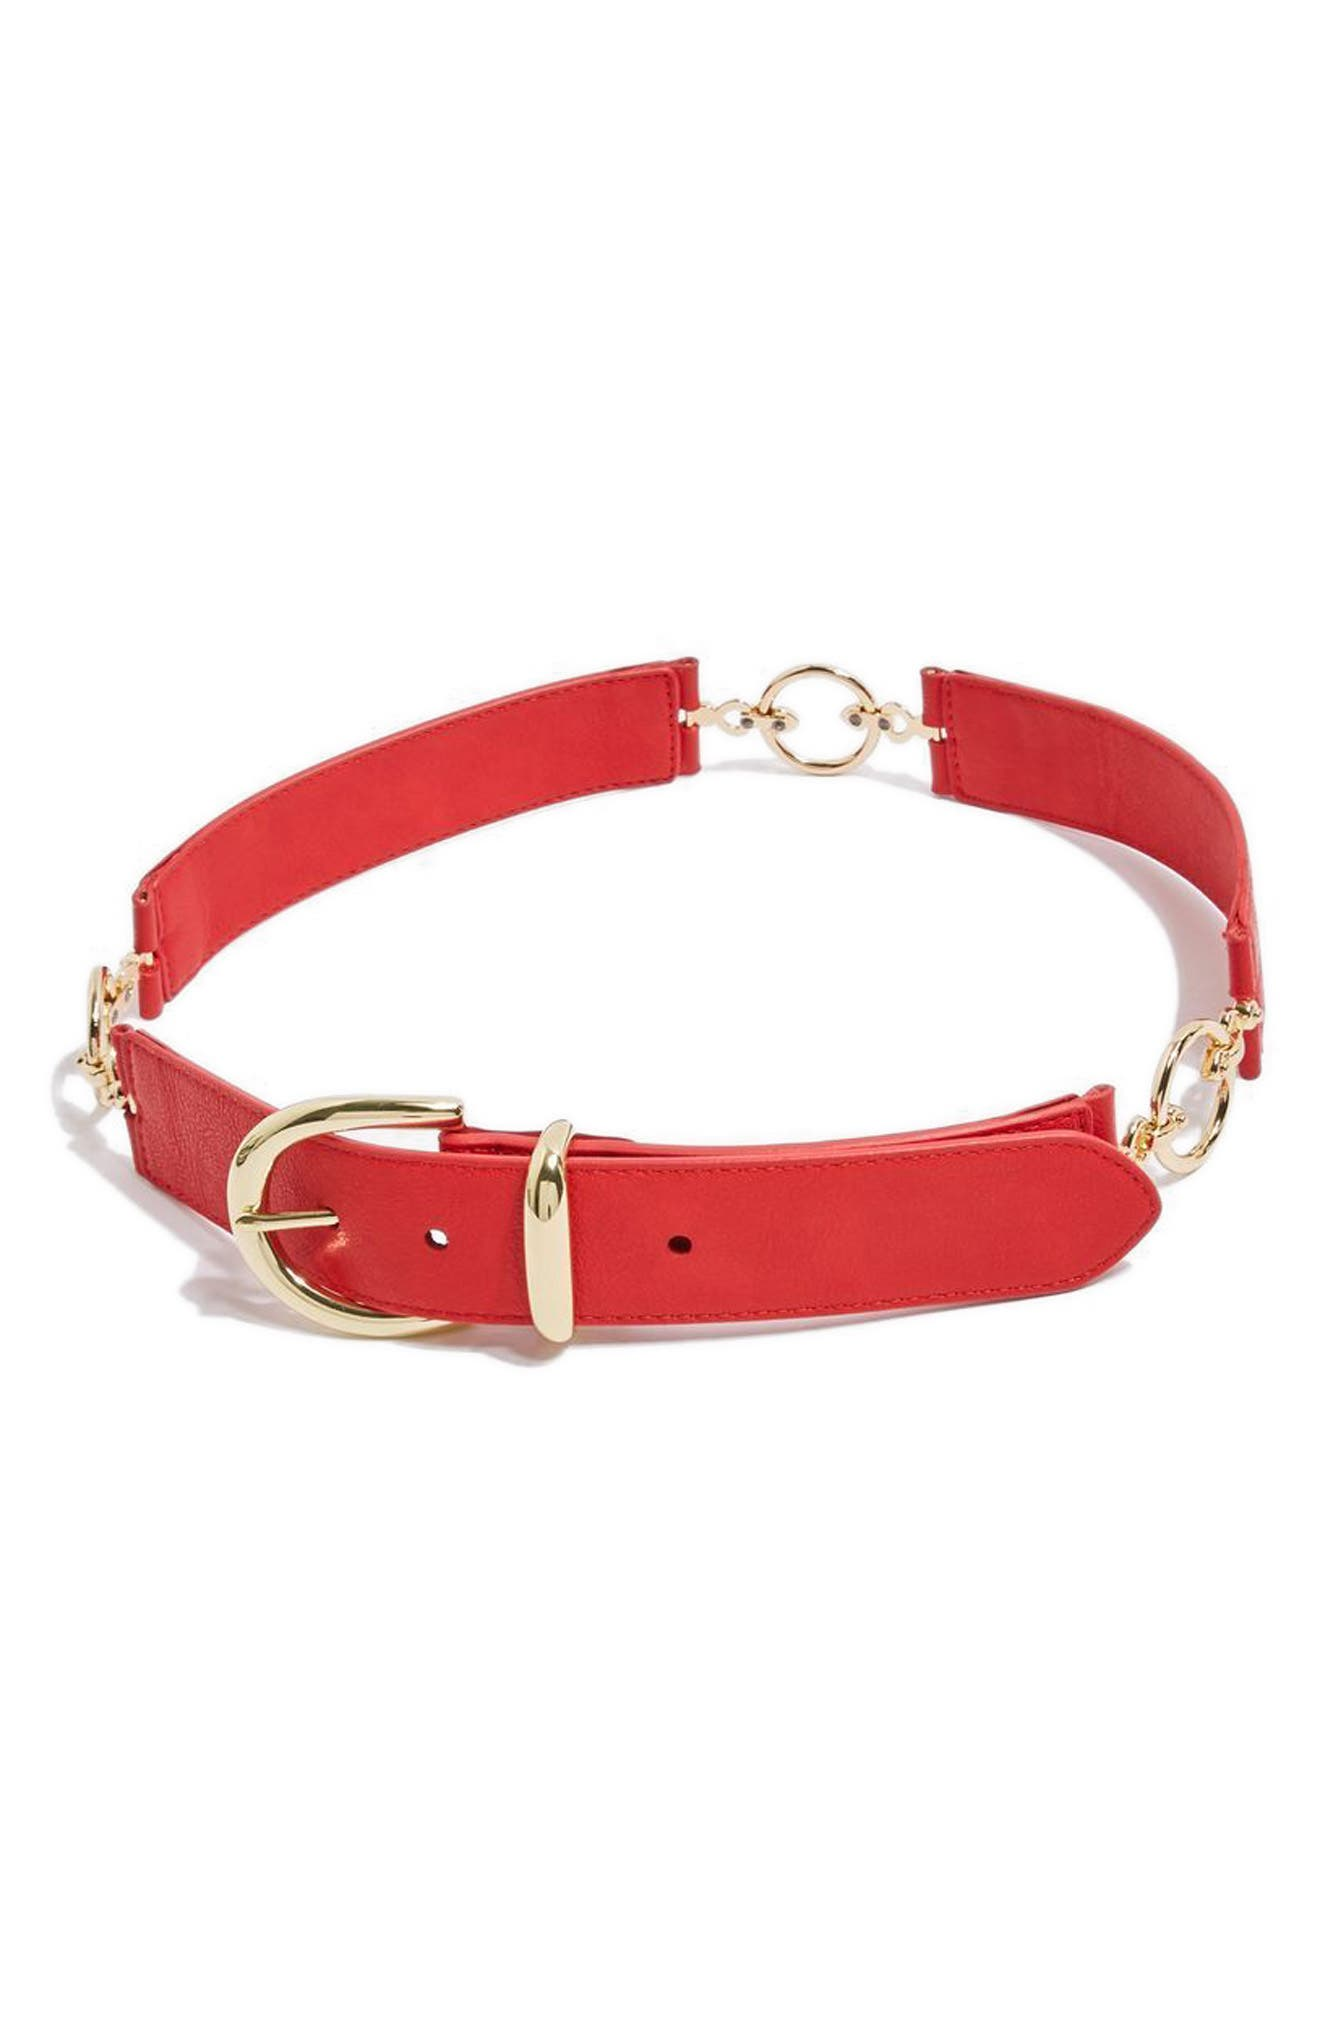 Alternate Image 1 Selected - Topshop Logo Link Faux Leather Belt